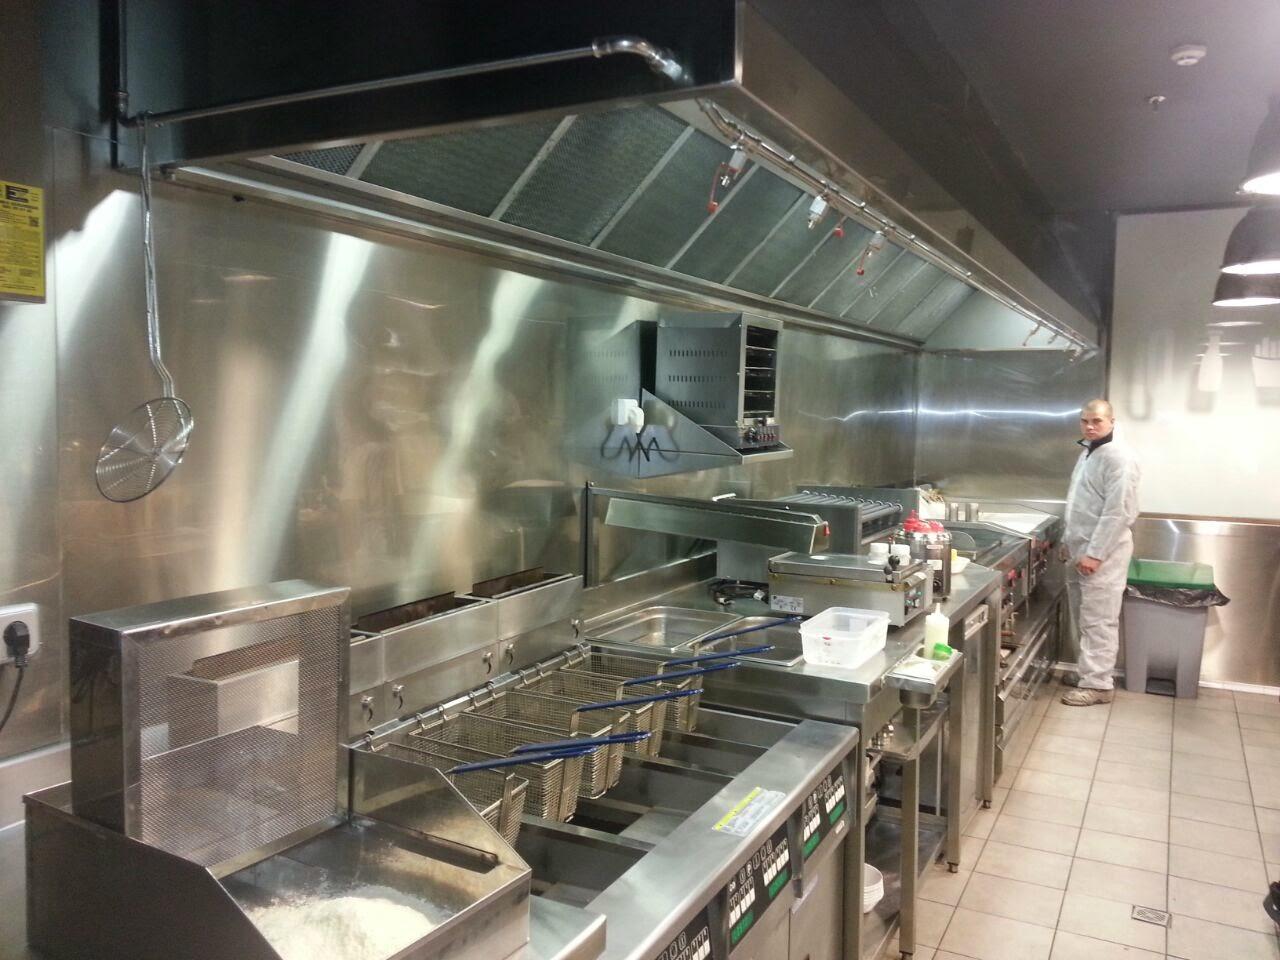 Instalar extracci n de humos en cocinas industriales y - Tubos para salida humos cocina ...